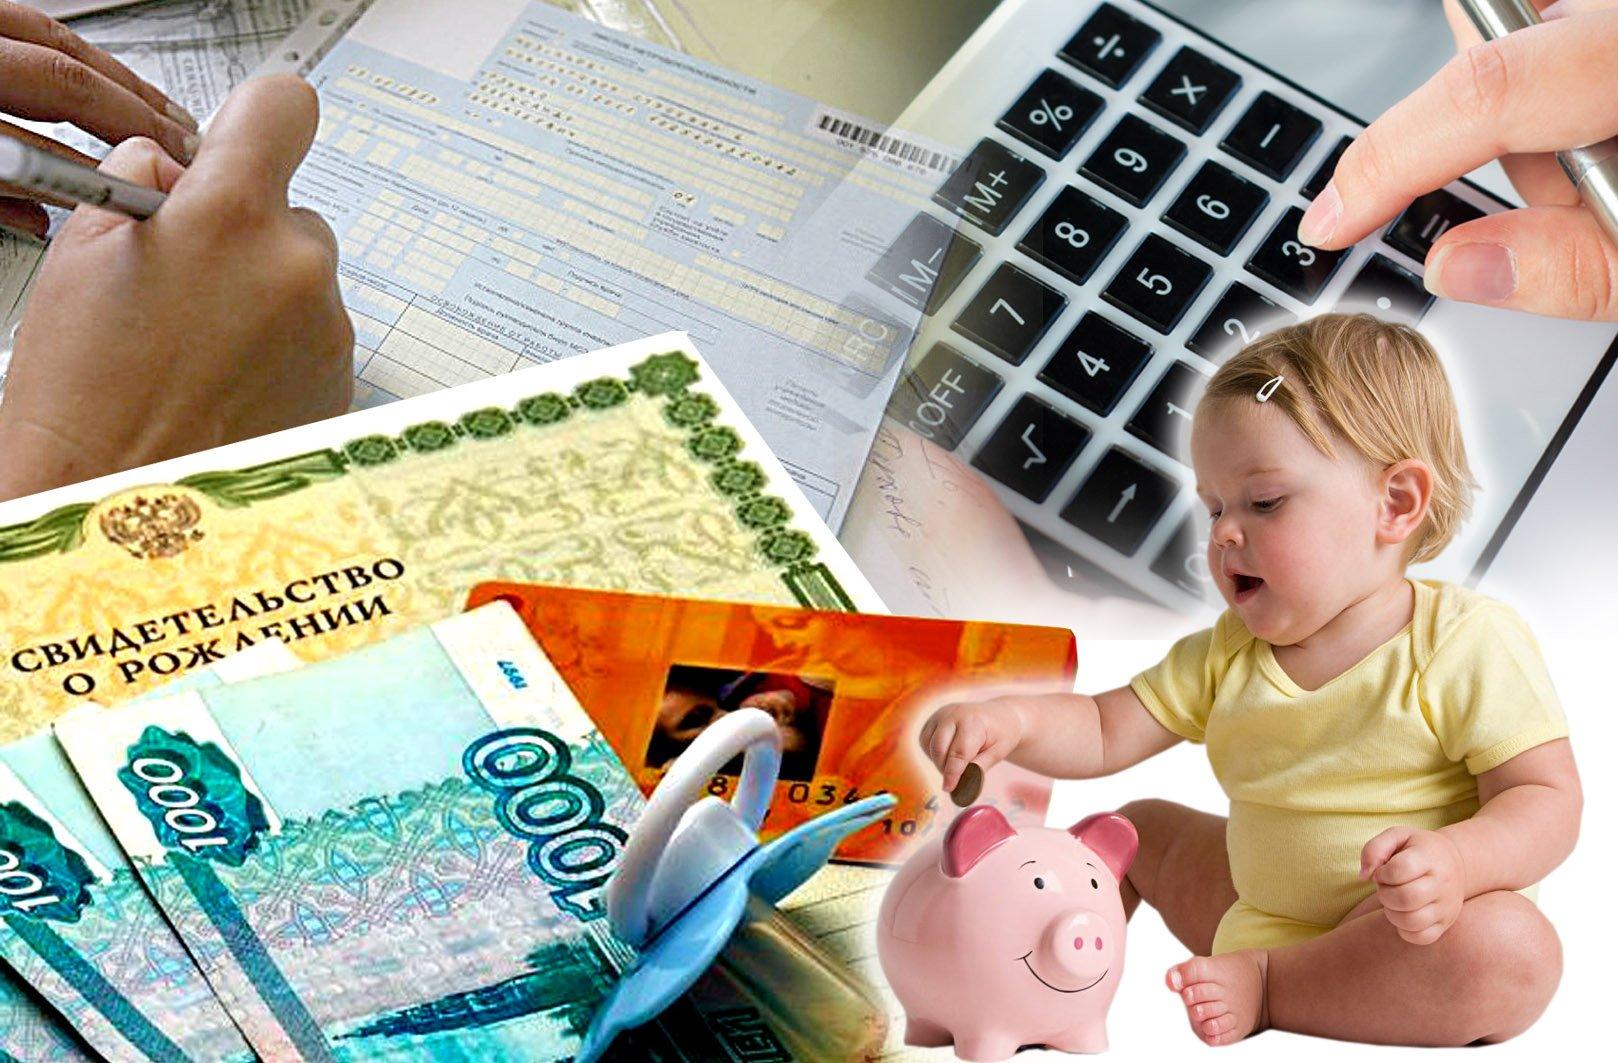 Пособие по уходу за ребенком: 50 рублей отняли, десять тысяч добавили